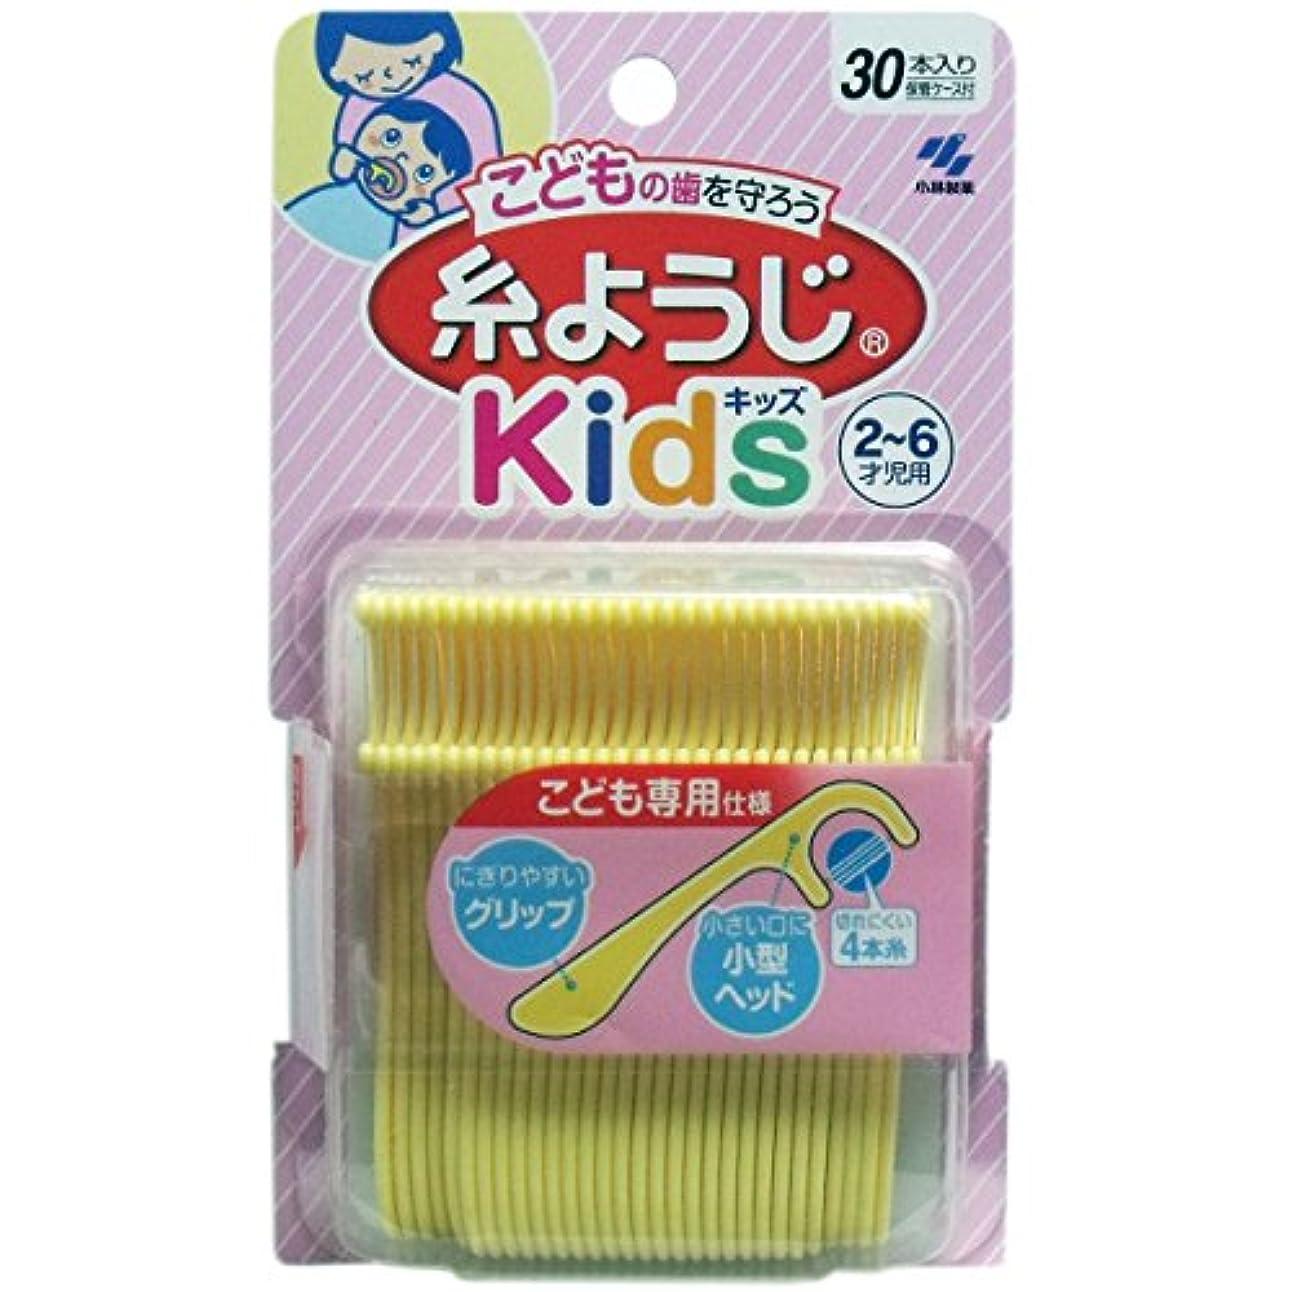 糸ようじキッズ 30本×10